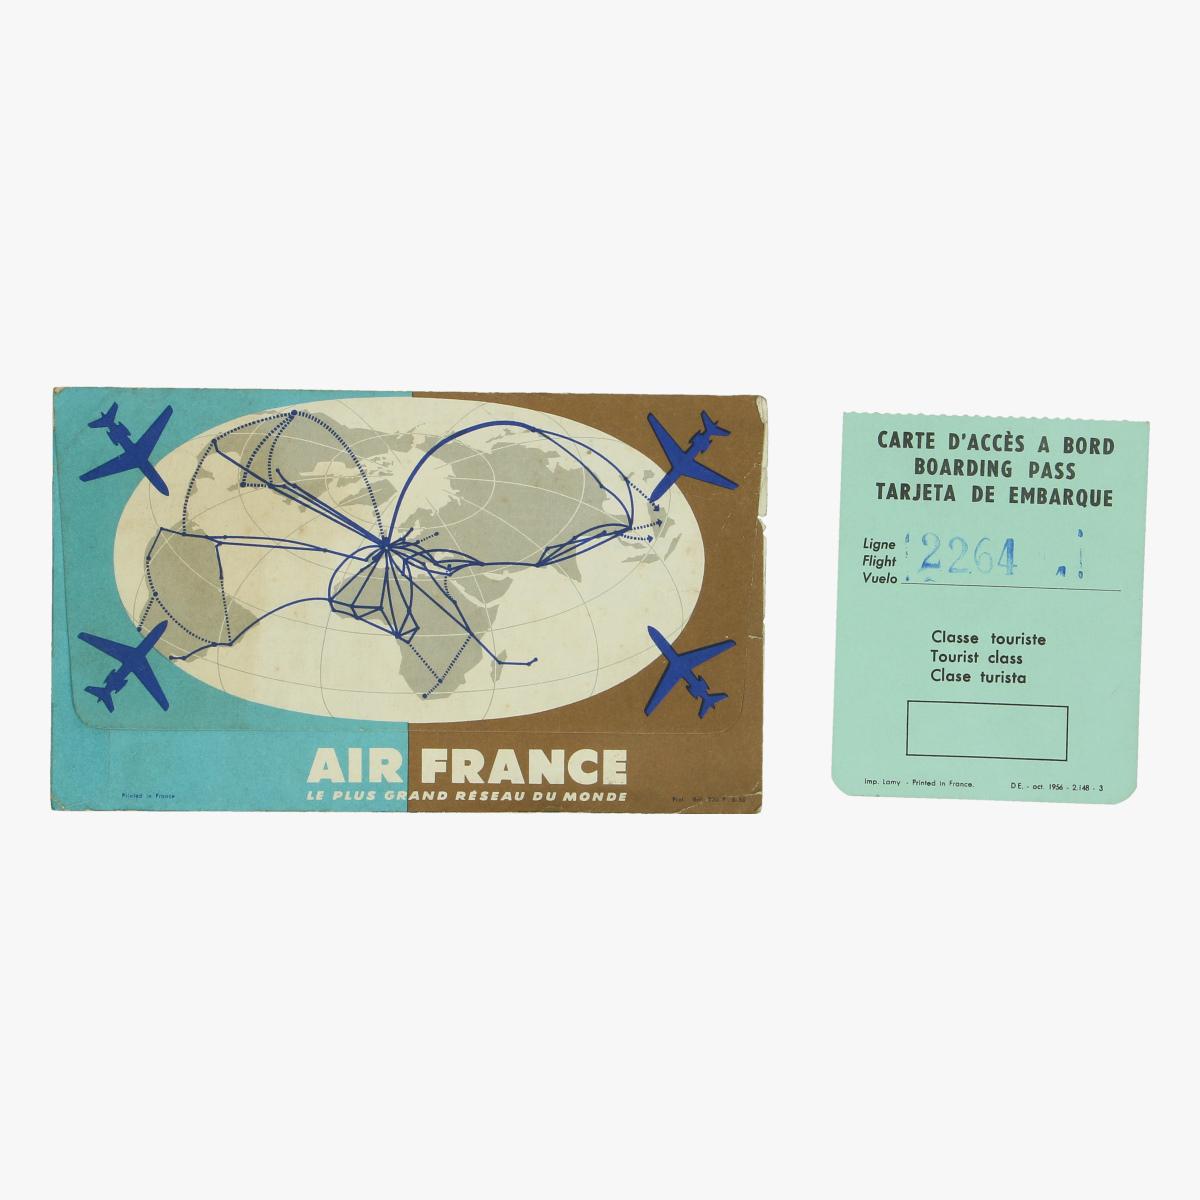 Afbeeldingen van air france boarding pas 1956